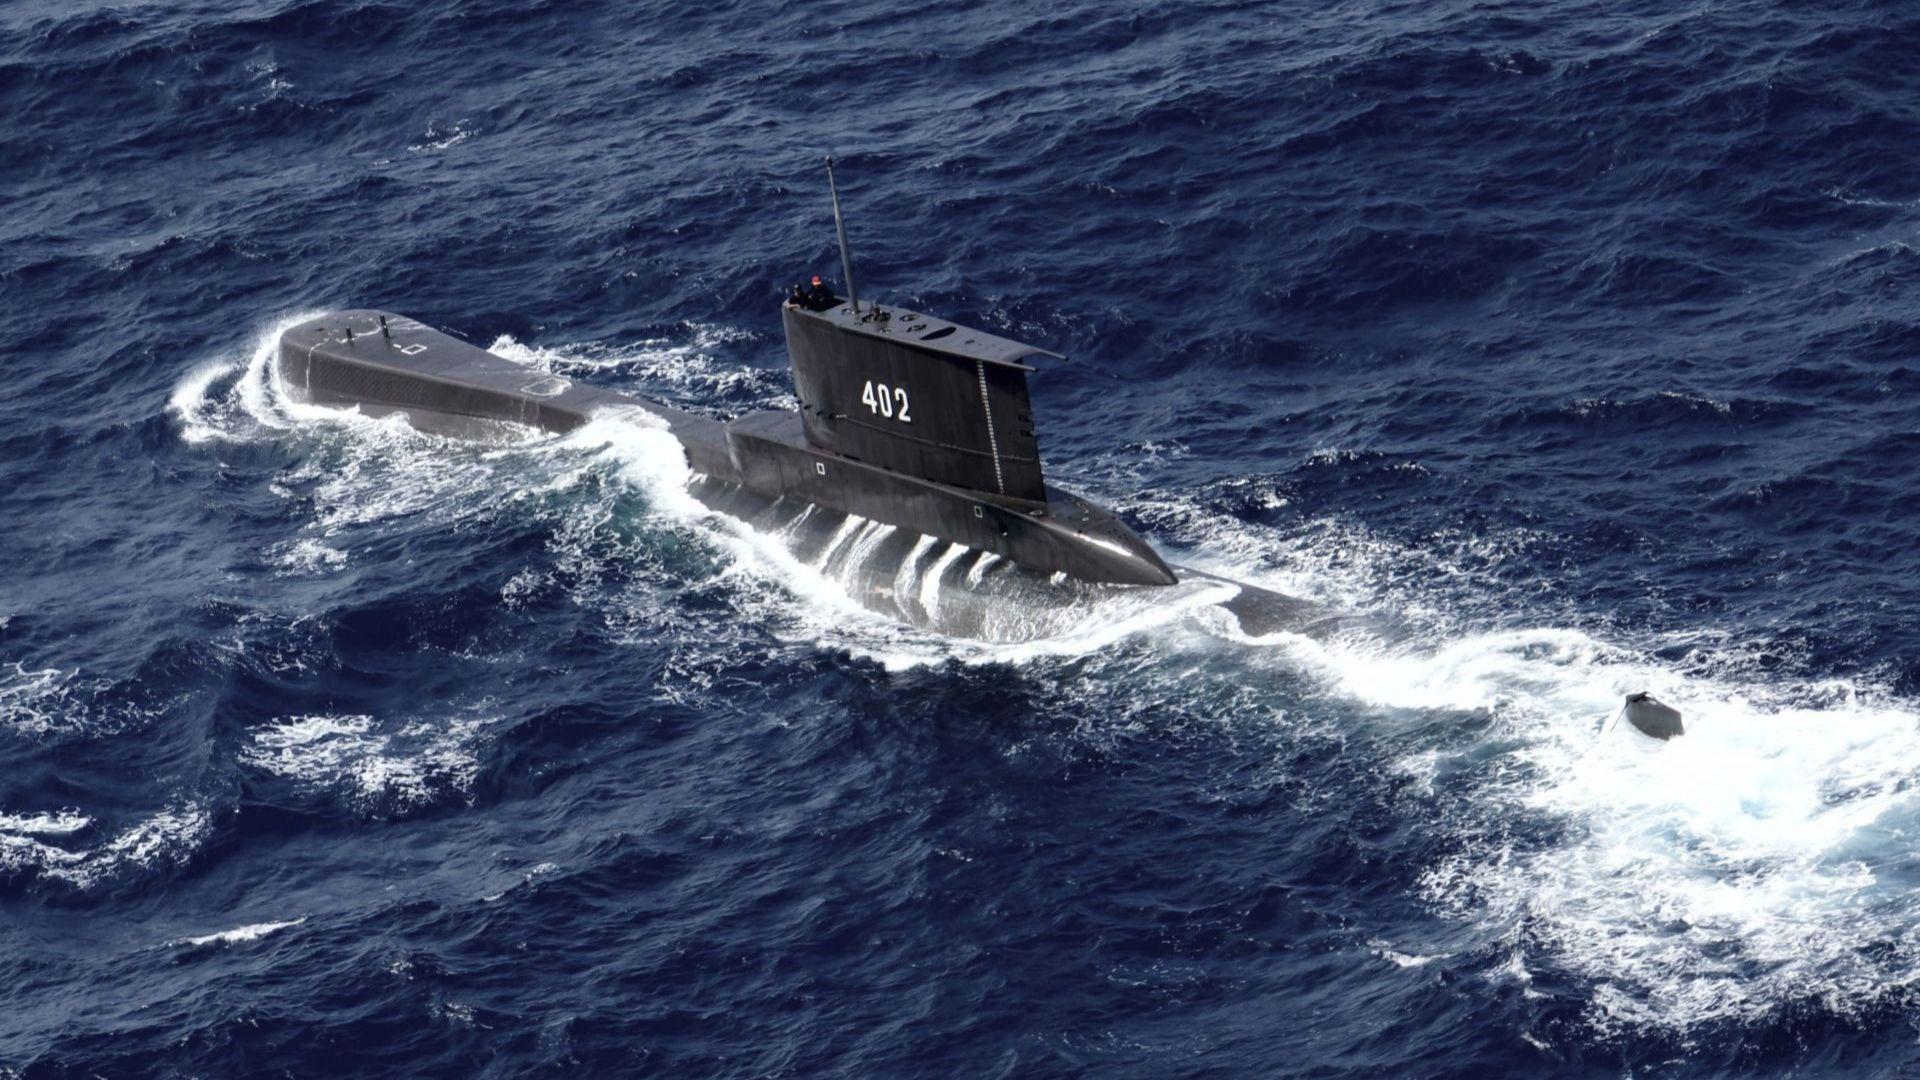 Комуникацията е загубена, след като екипажът е получил разрешение за гмуркане